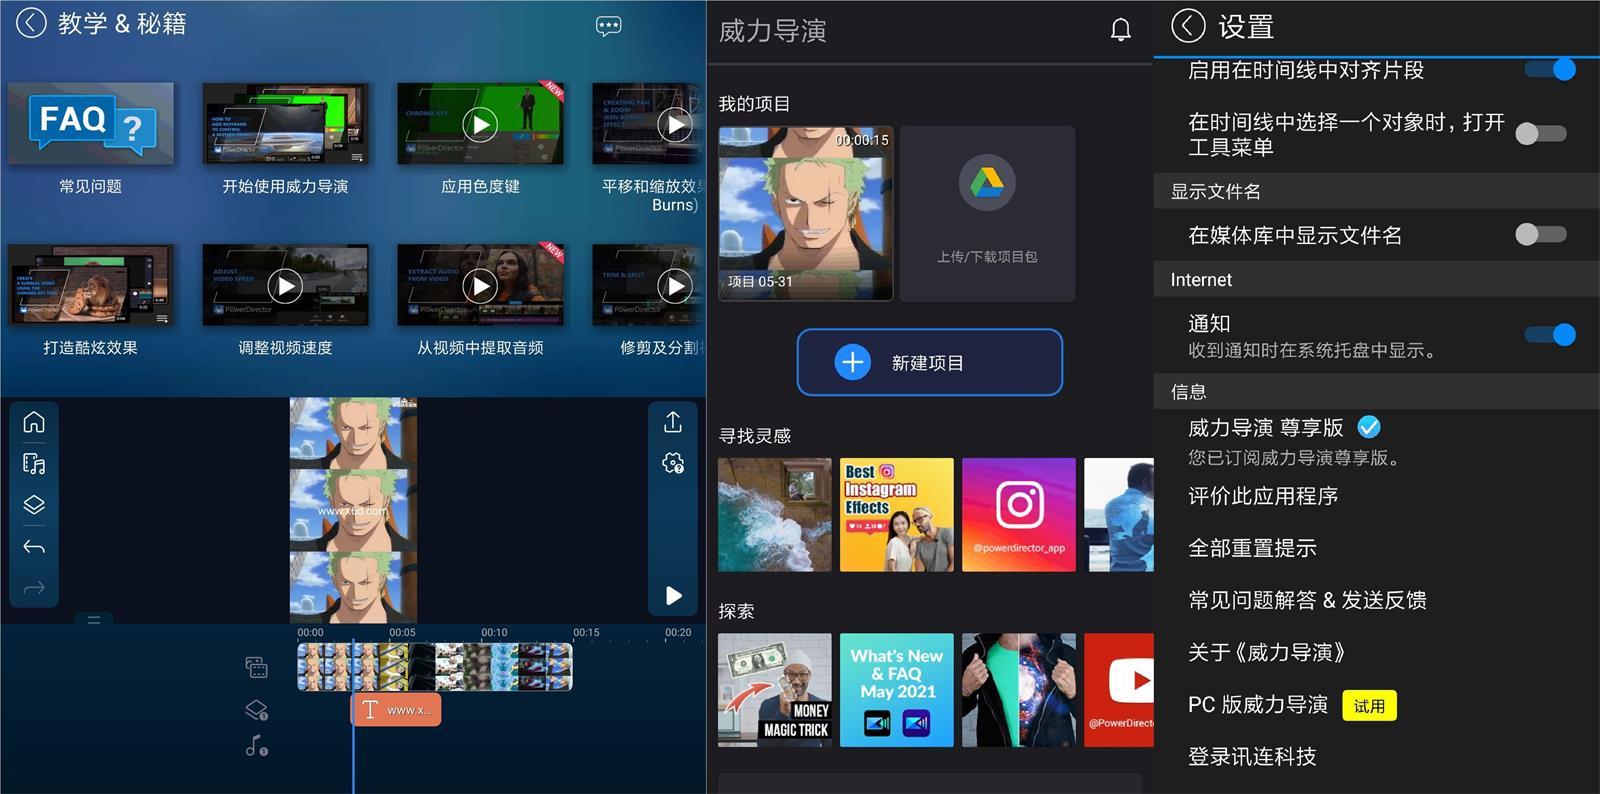 安卓威力导演v9.4.0绿化版